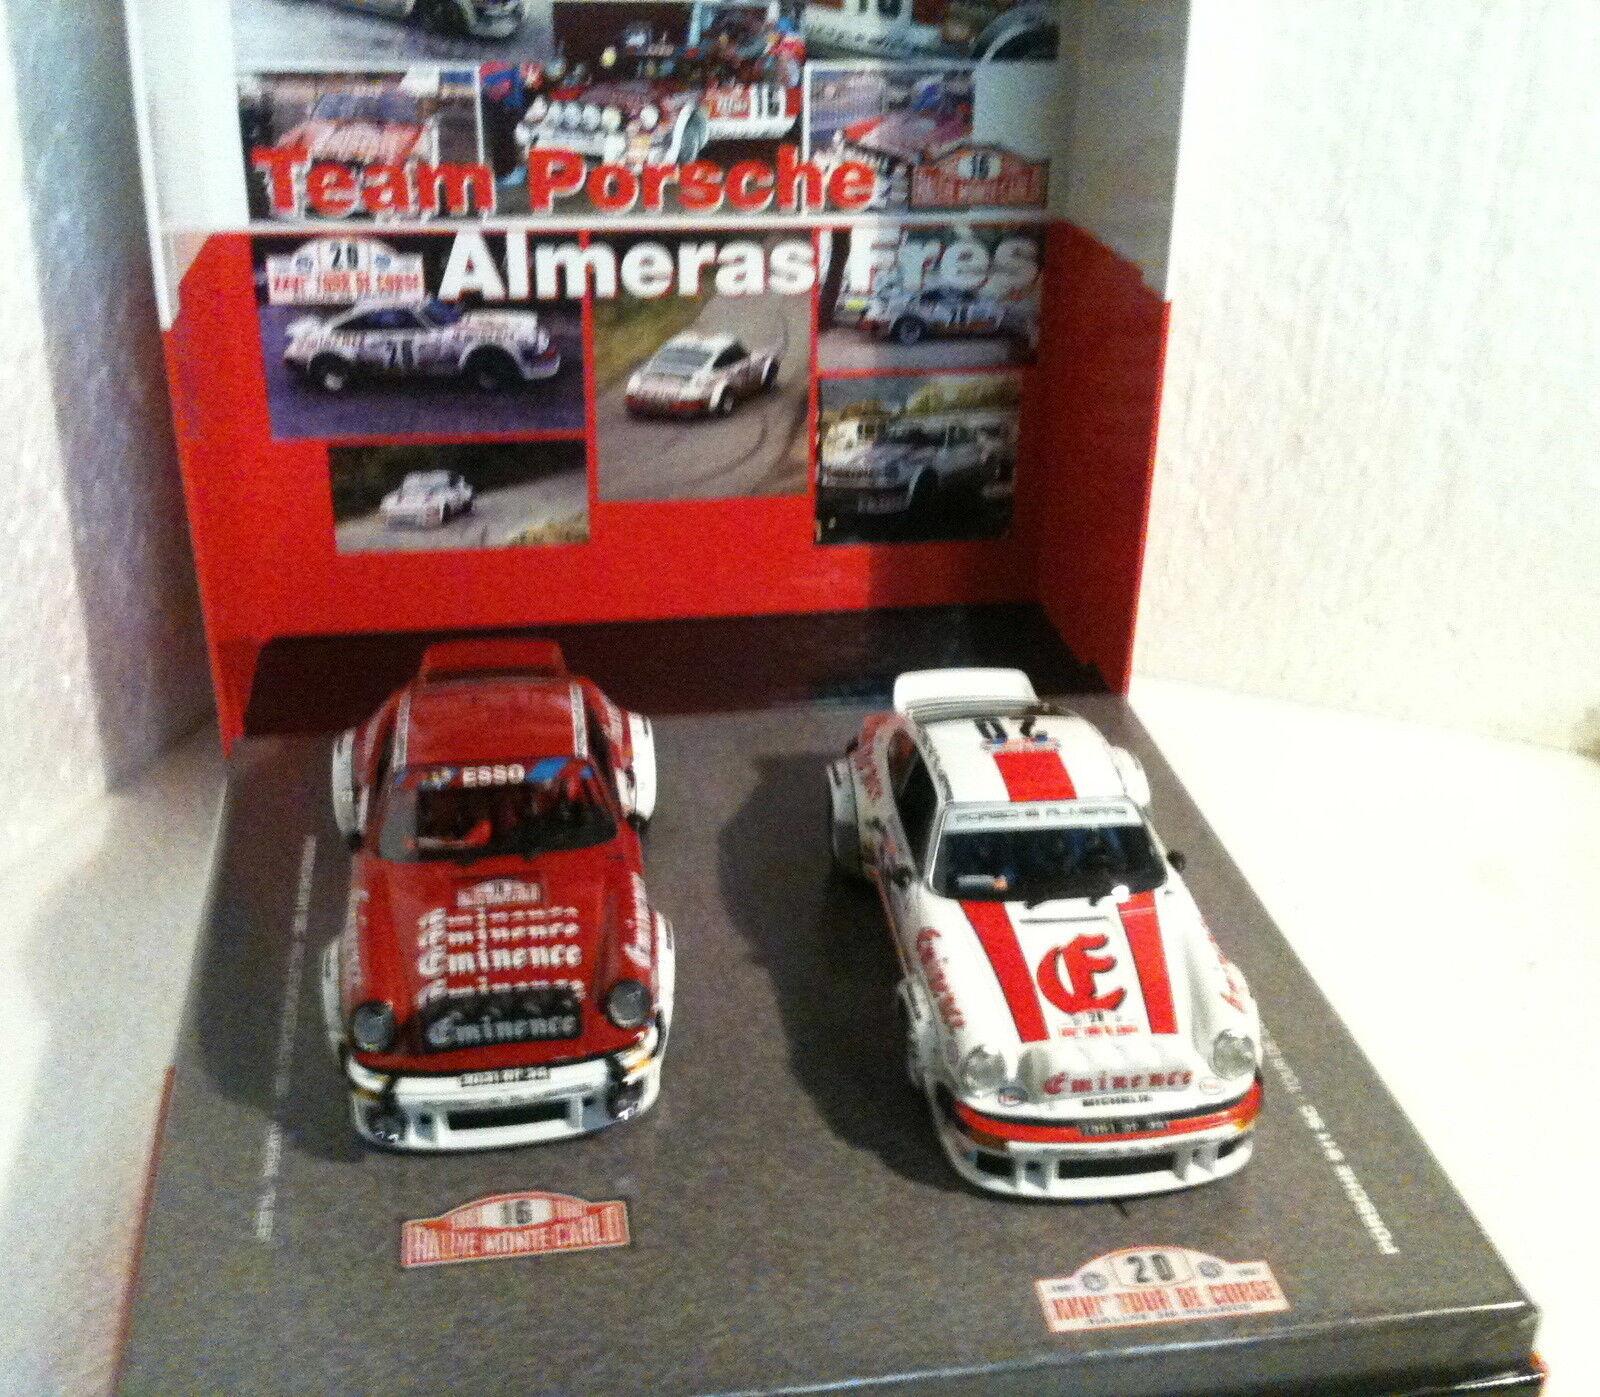 QQ 99121 flygaga TEAM Porsche Alm Alm 65533;65533; ras Fres 911 Sc Montebillo 80 Tour de Corse 82